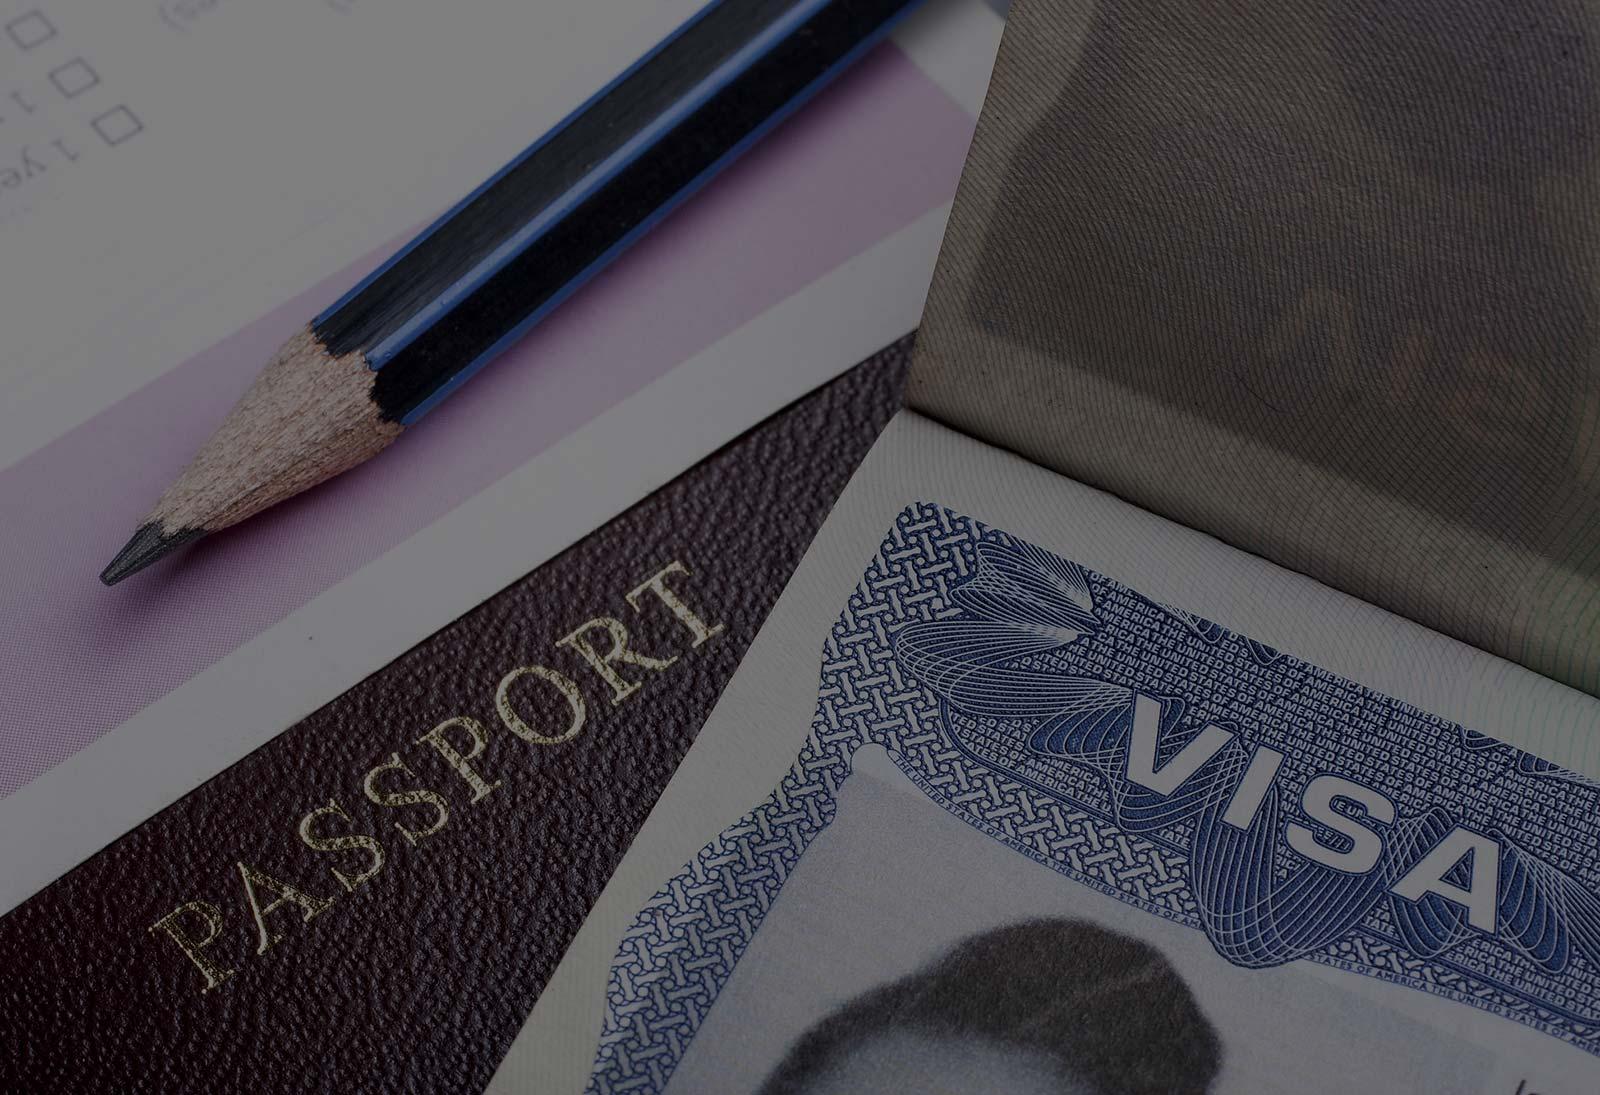 les diff u00e9rents visas aux etats-unis